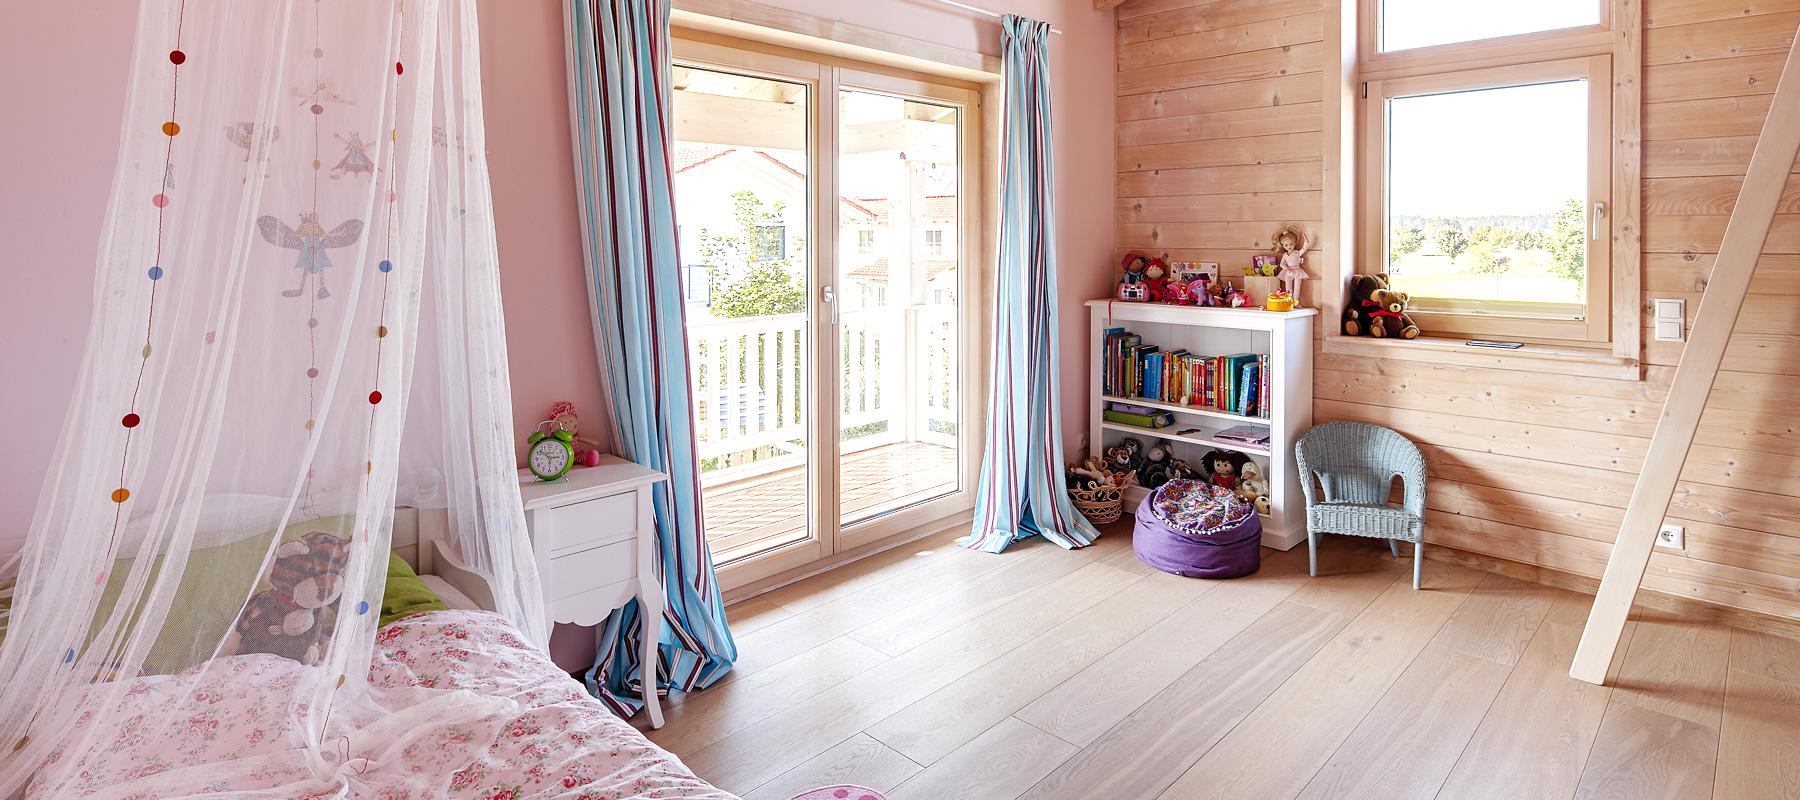 Kinderzimmer und kinderm bel aus echtholz bauen sie ihr holzhaus passivhaus - Kinderzimmer echtholz ...